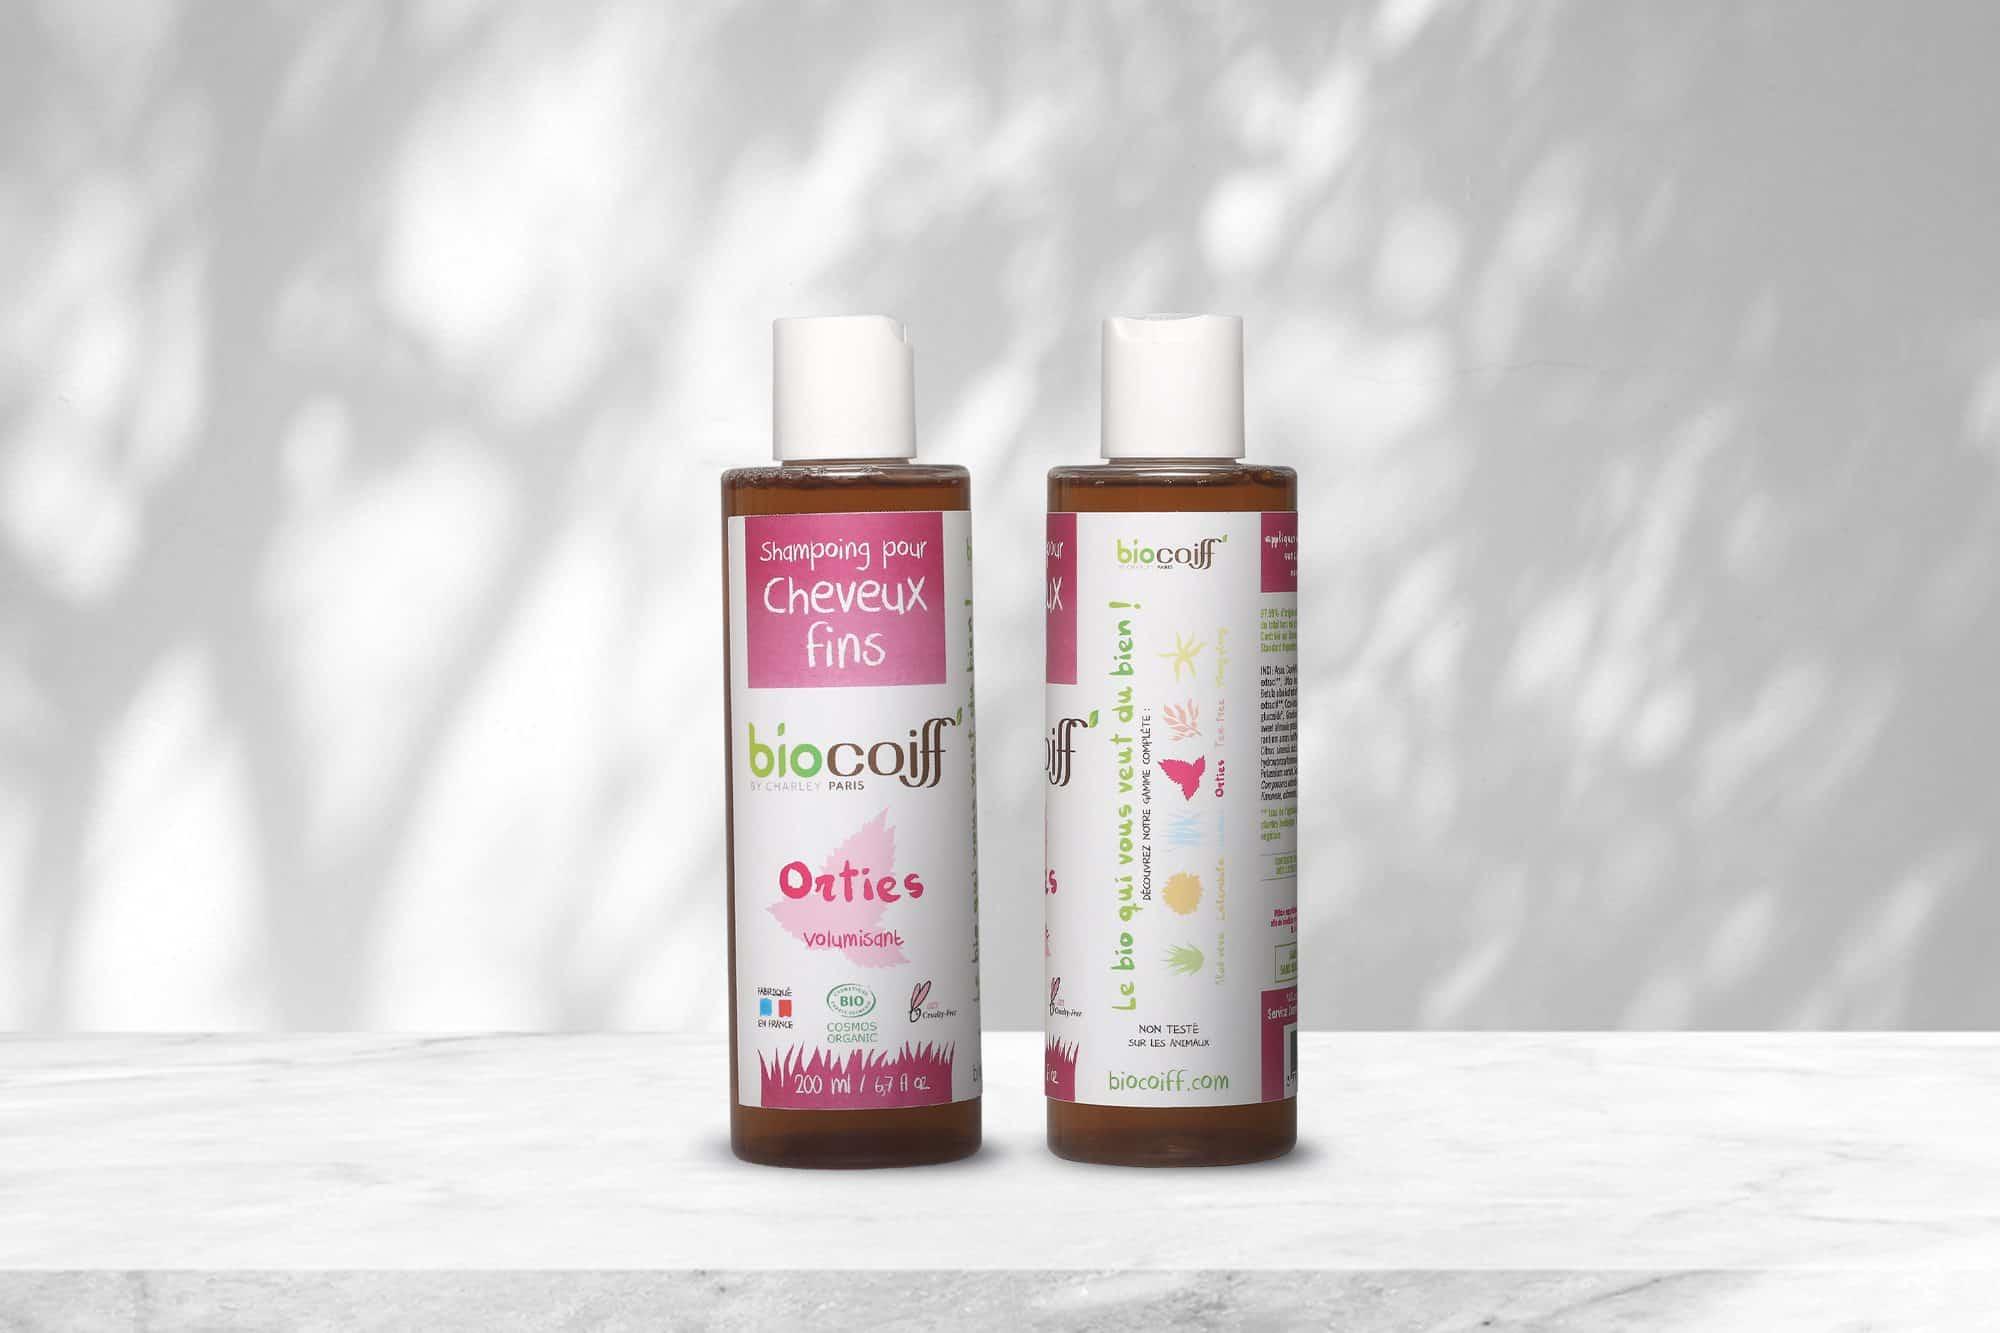 Le shampoing bio de chez biocoiff aux orties